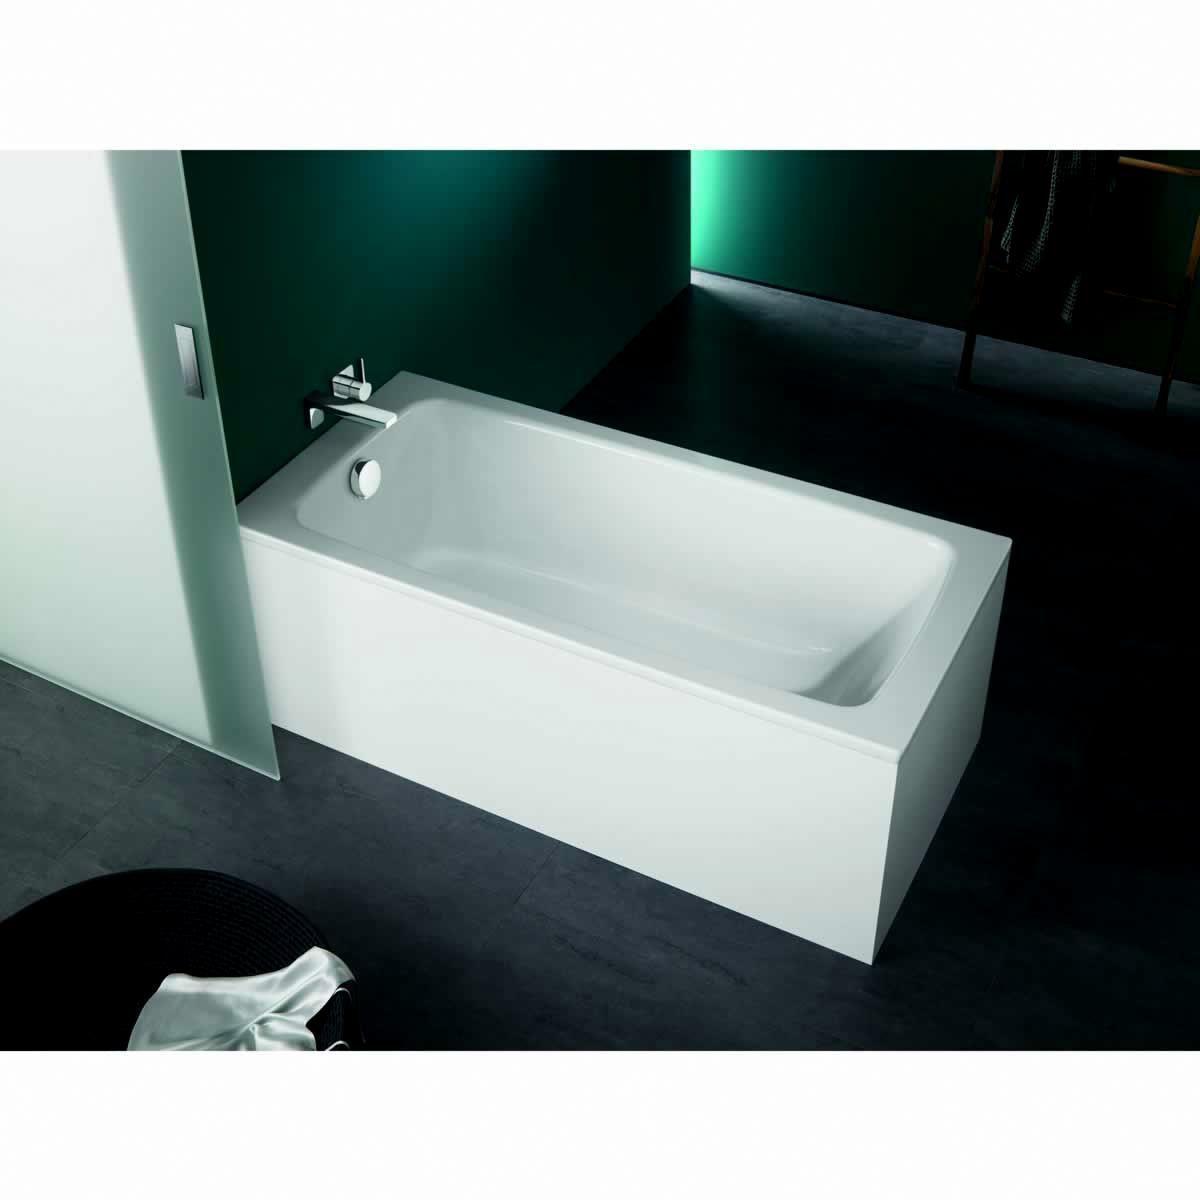 Image result for kaldewei cayono 1800 | Bathroom | Pinterest | Bath ...